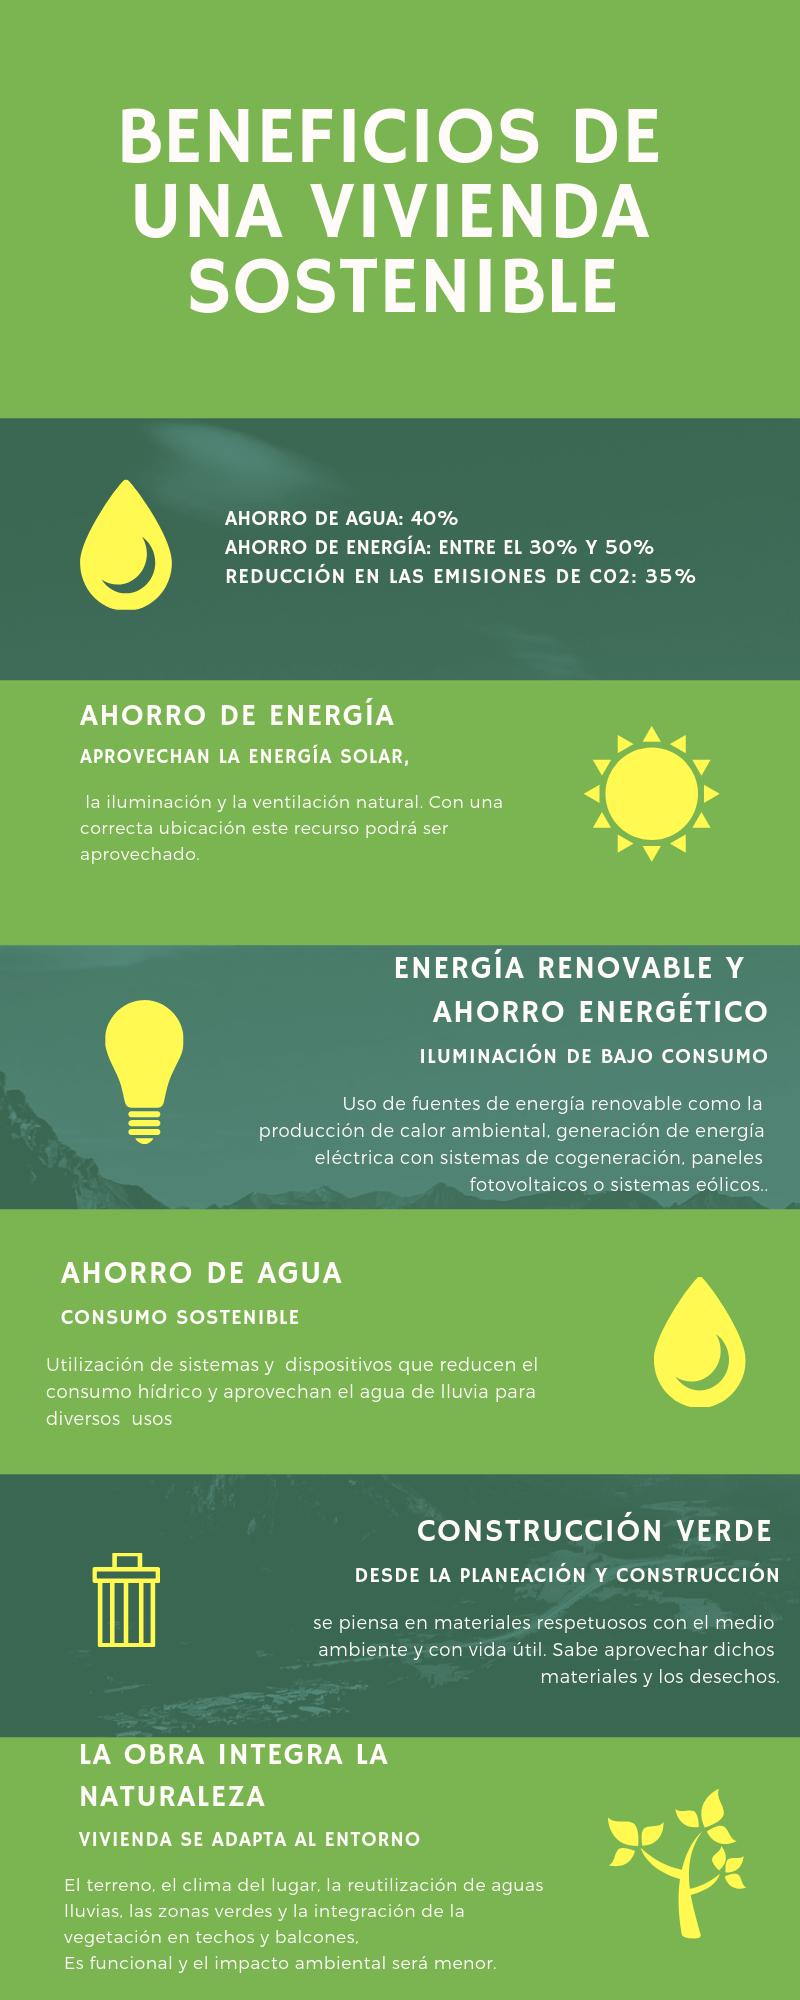 Beneficios vivienda sostenible